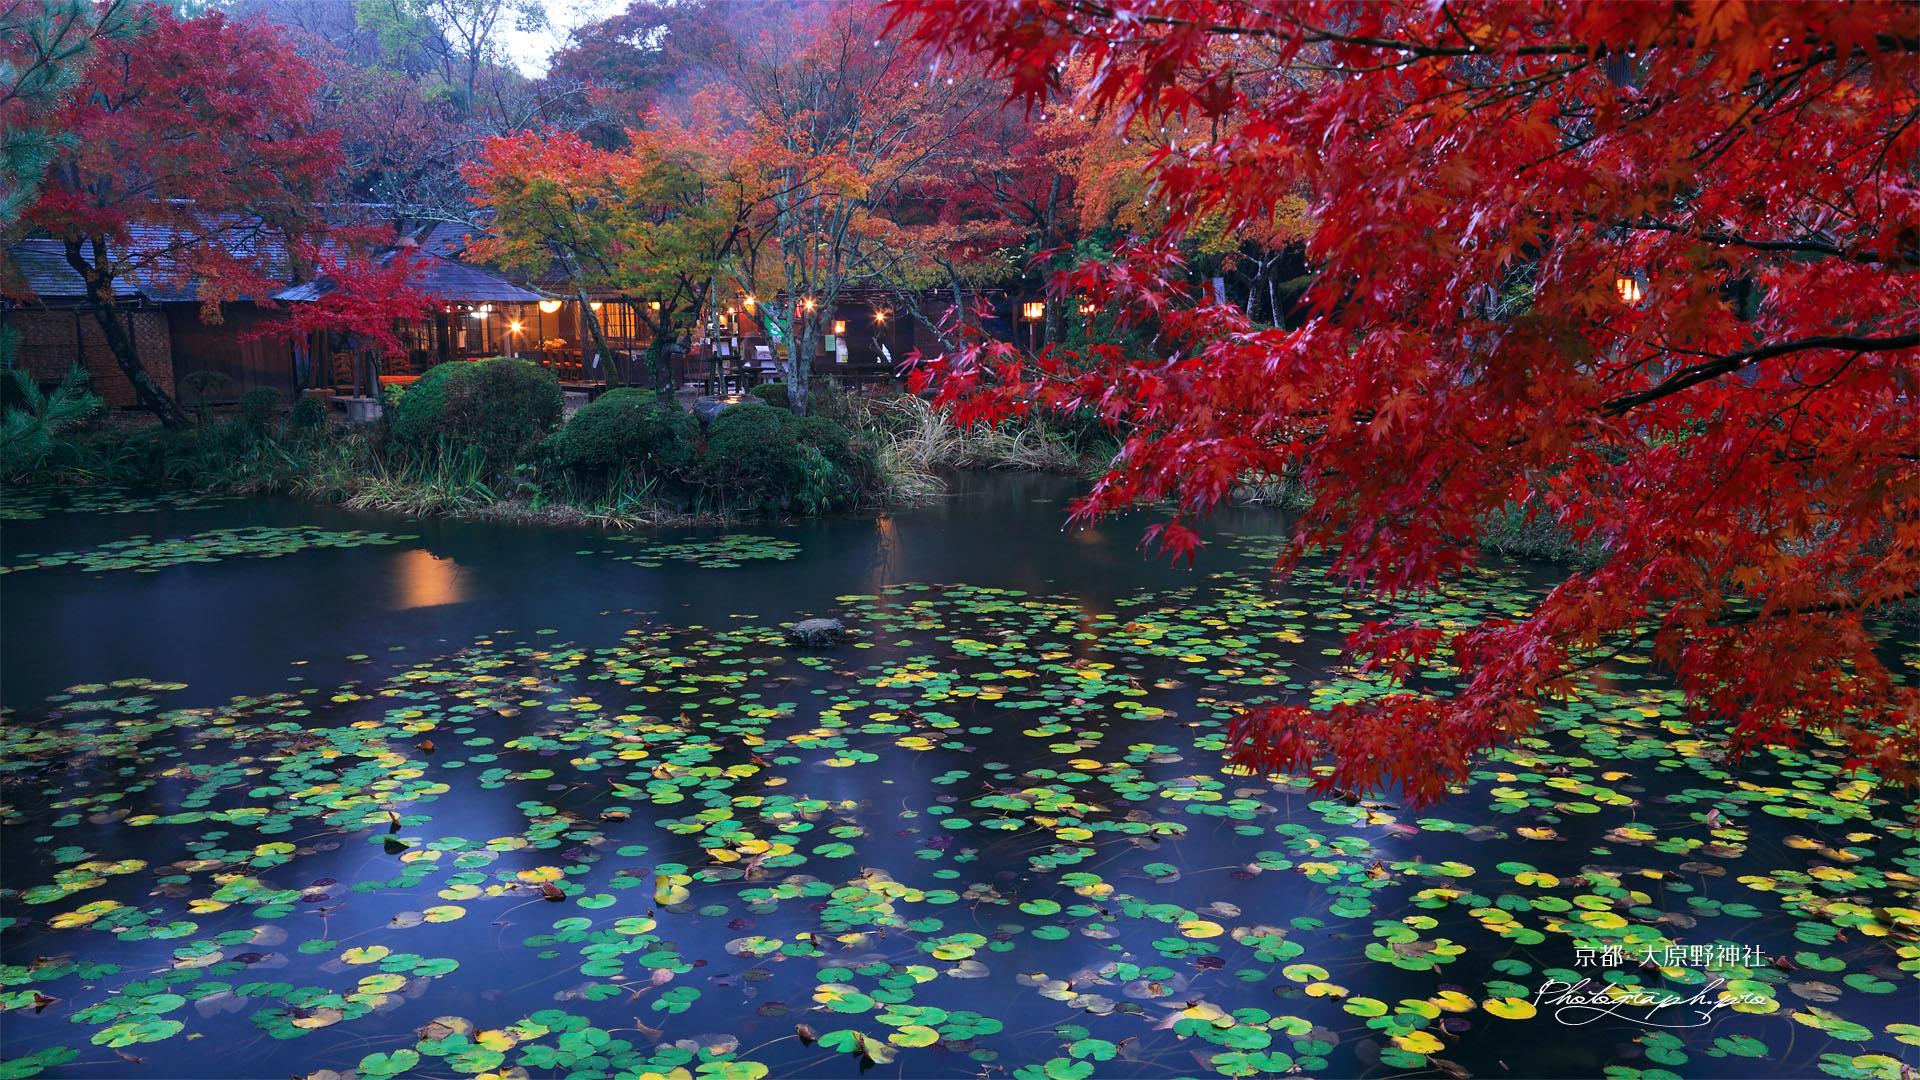 大原野神社鯉沢の池の紅葉